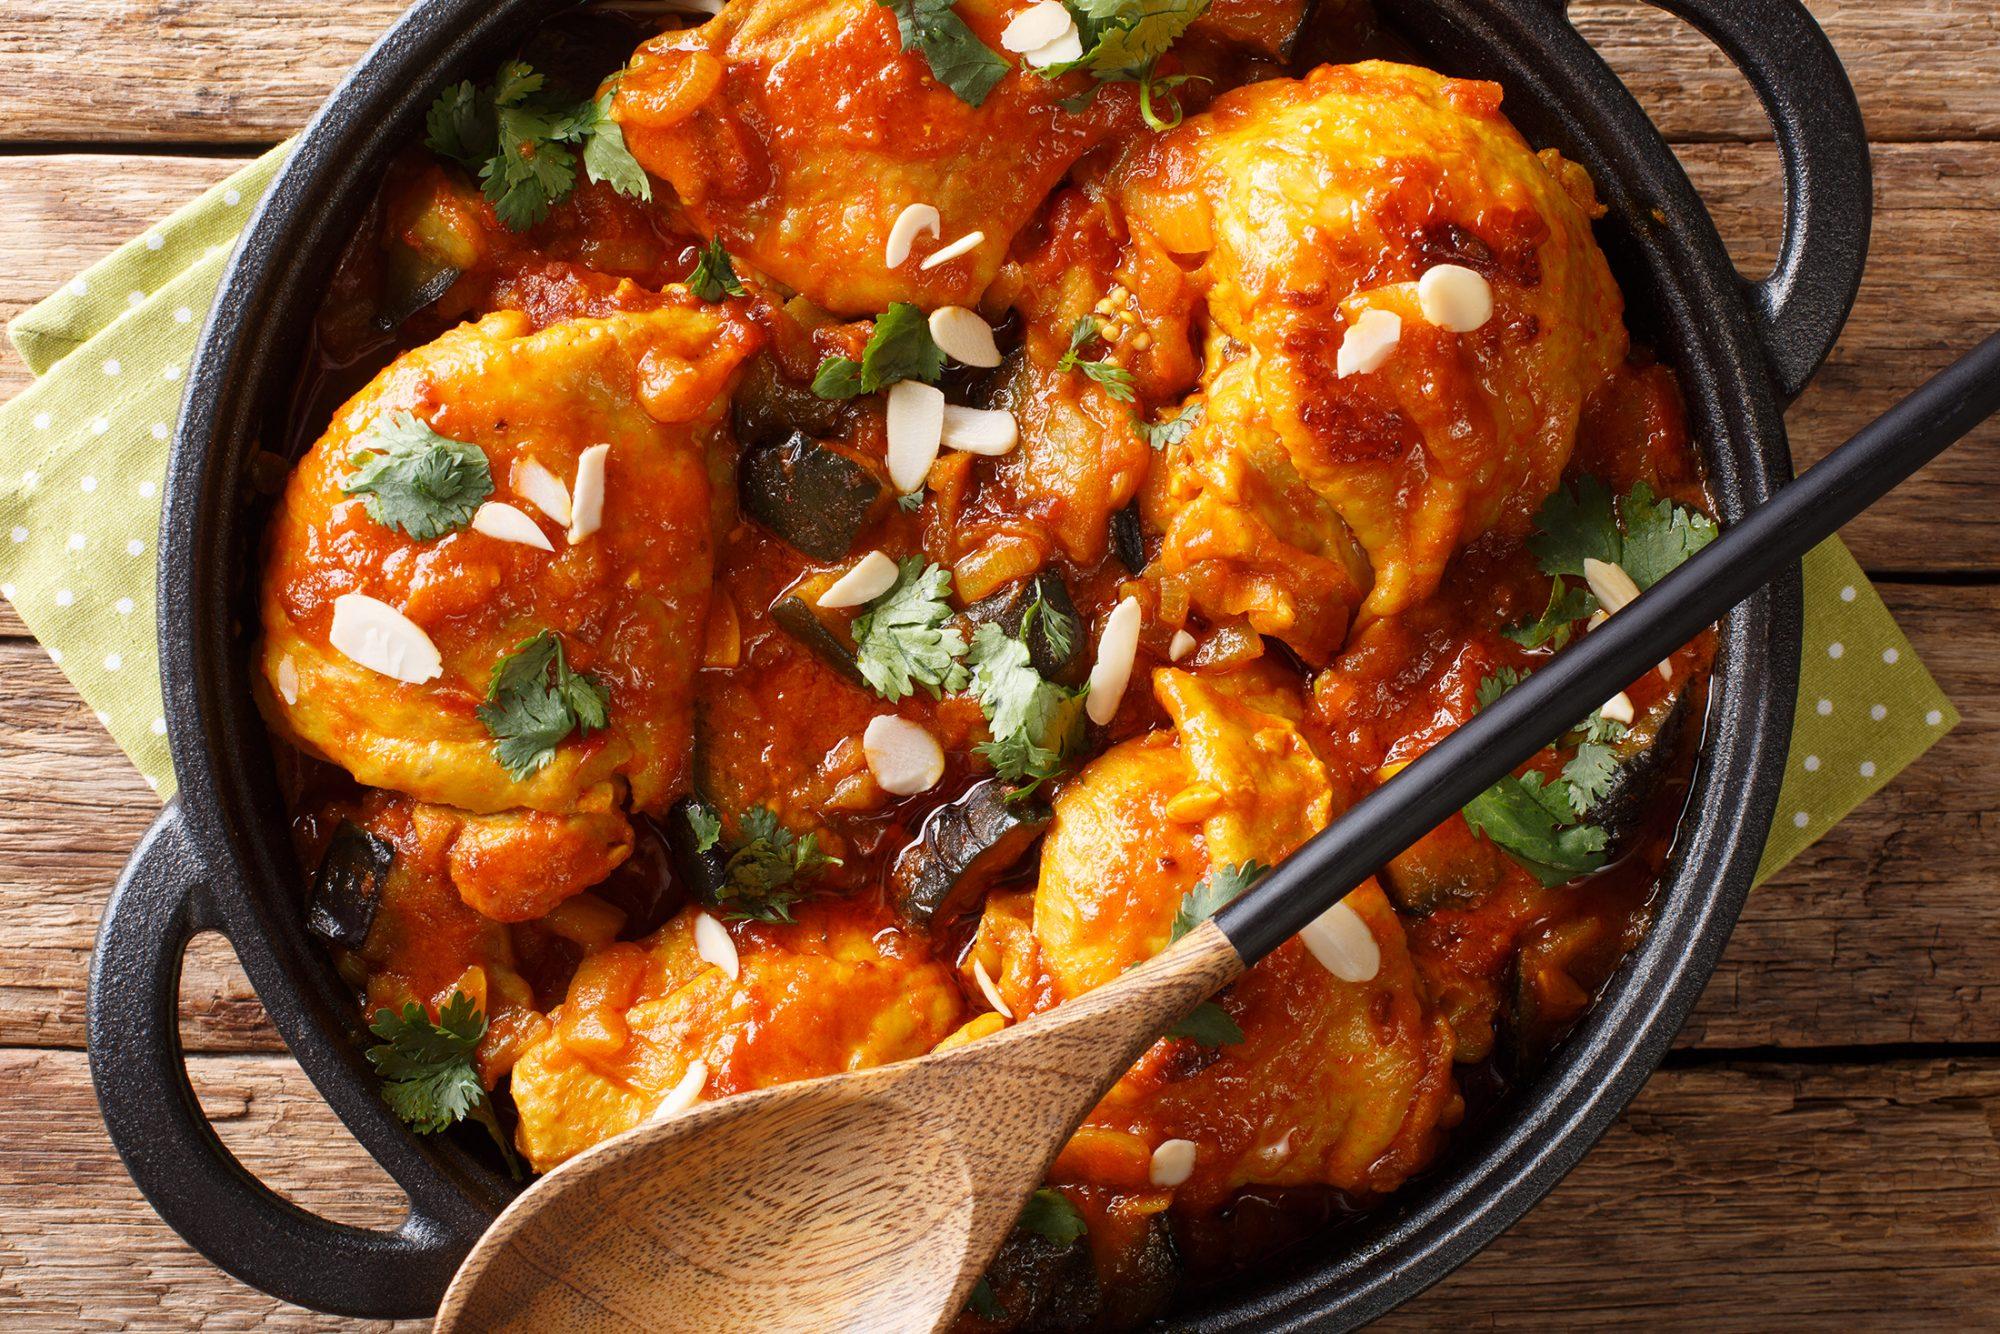 moroccan-chicken-stew-1170083464.jpg